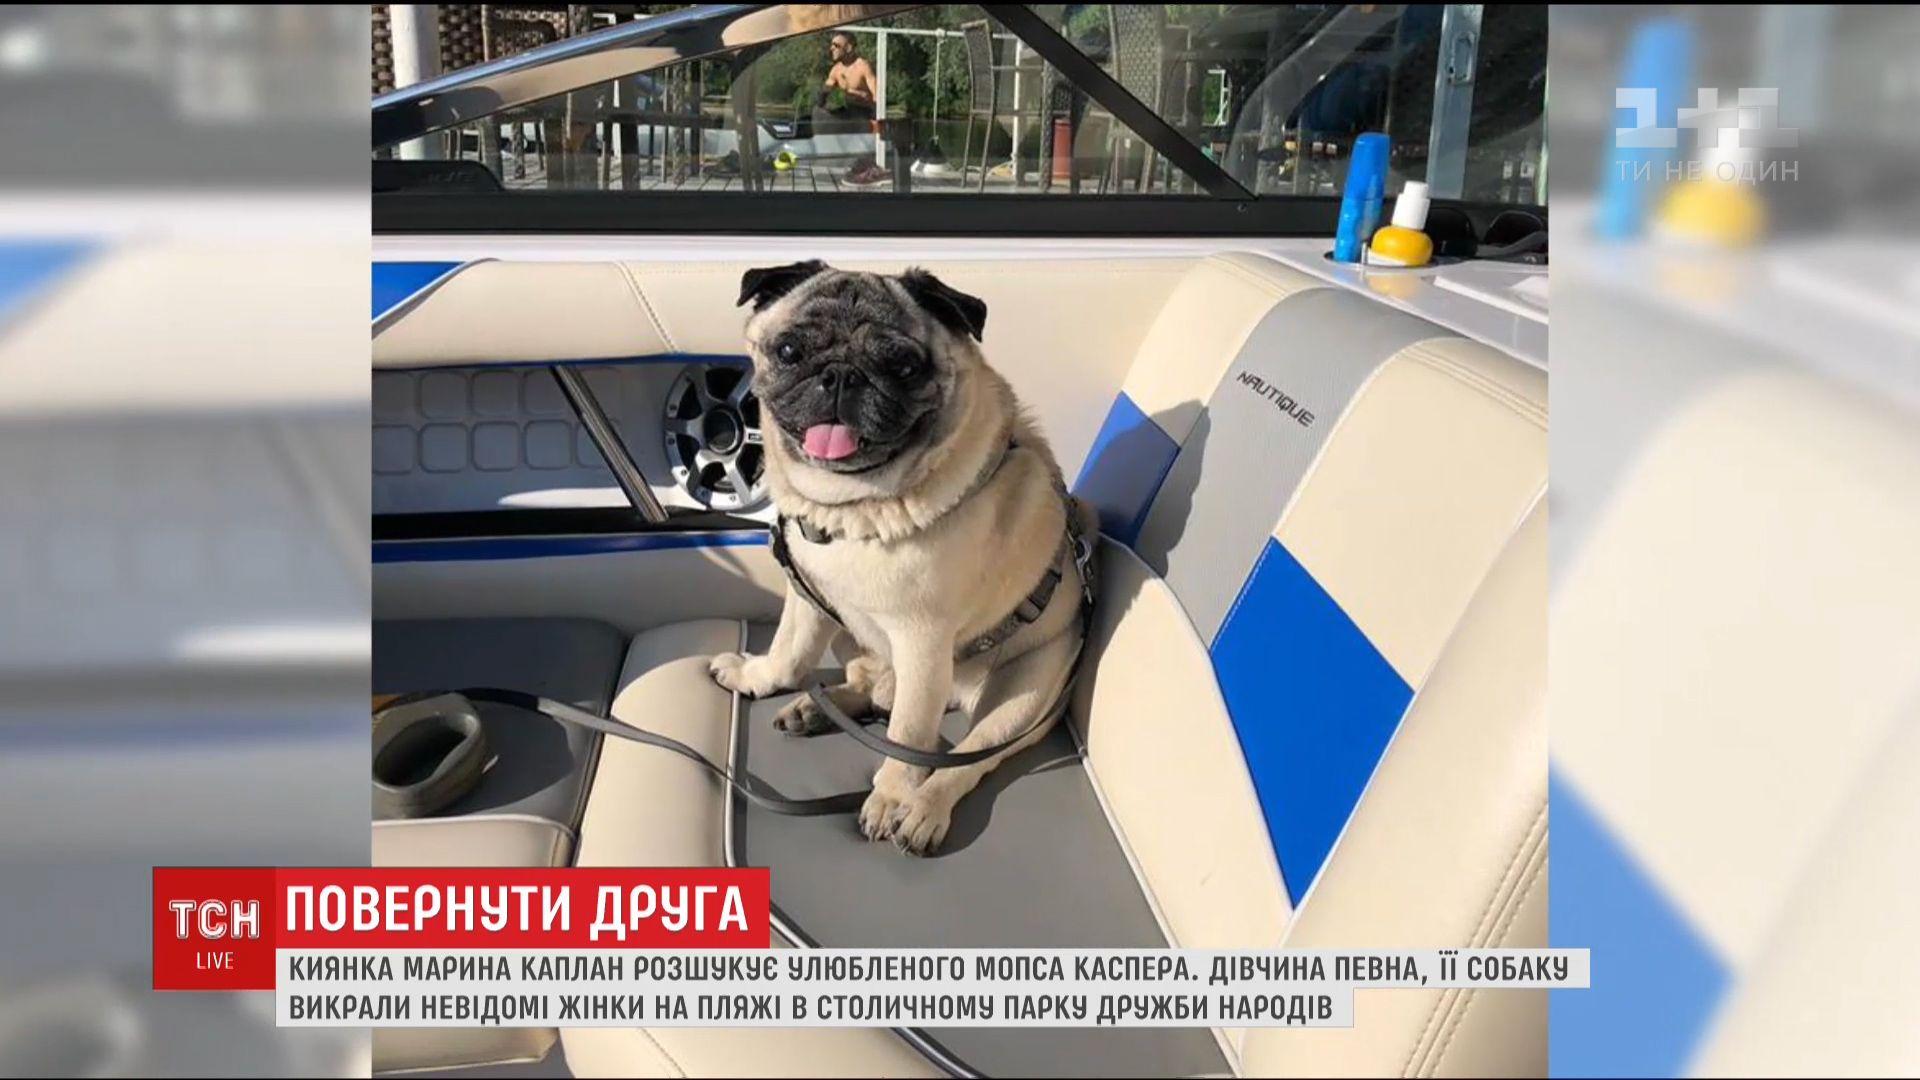 Киевлянка ждет возвращения любимца / Кадр из видео ТСН